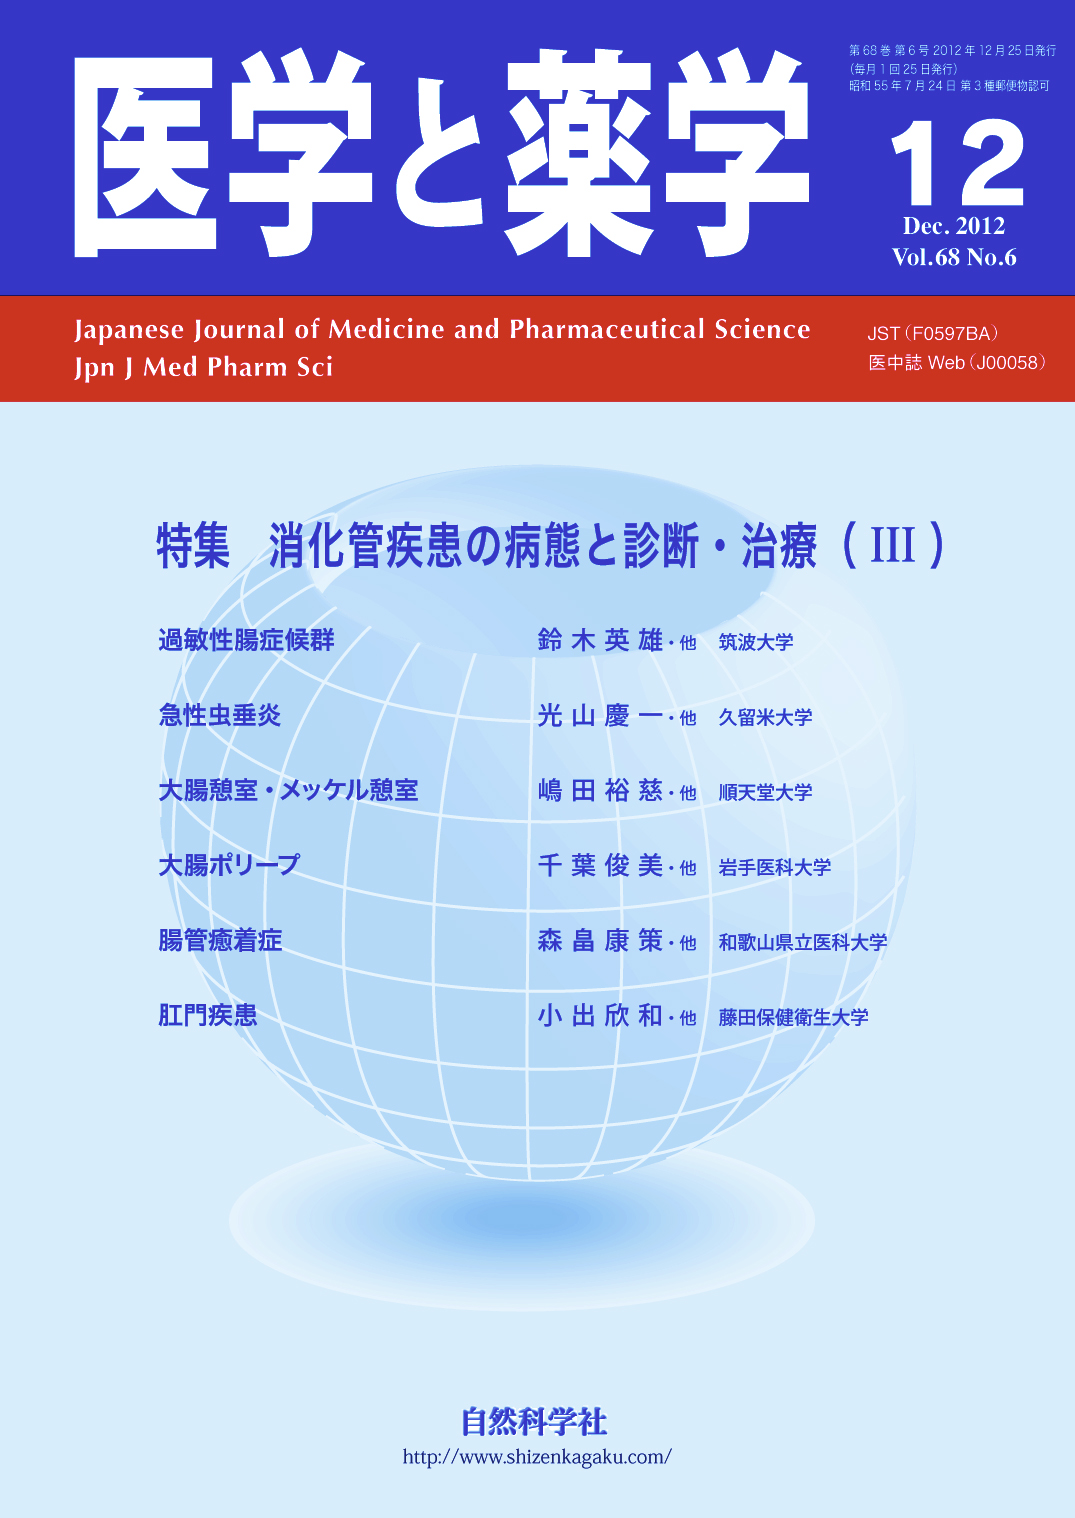 医学と薬学 68巻6号2012年12月